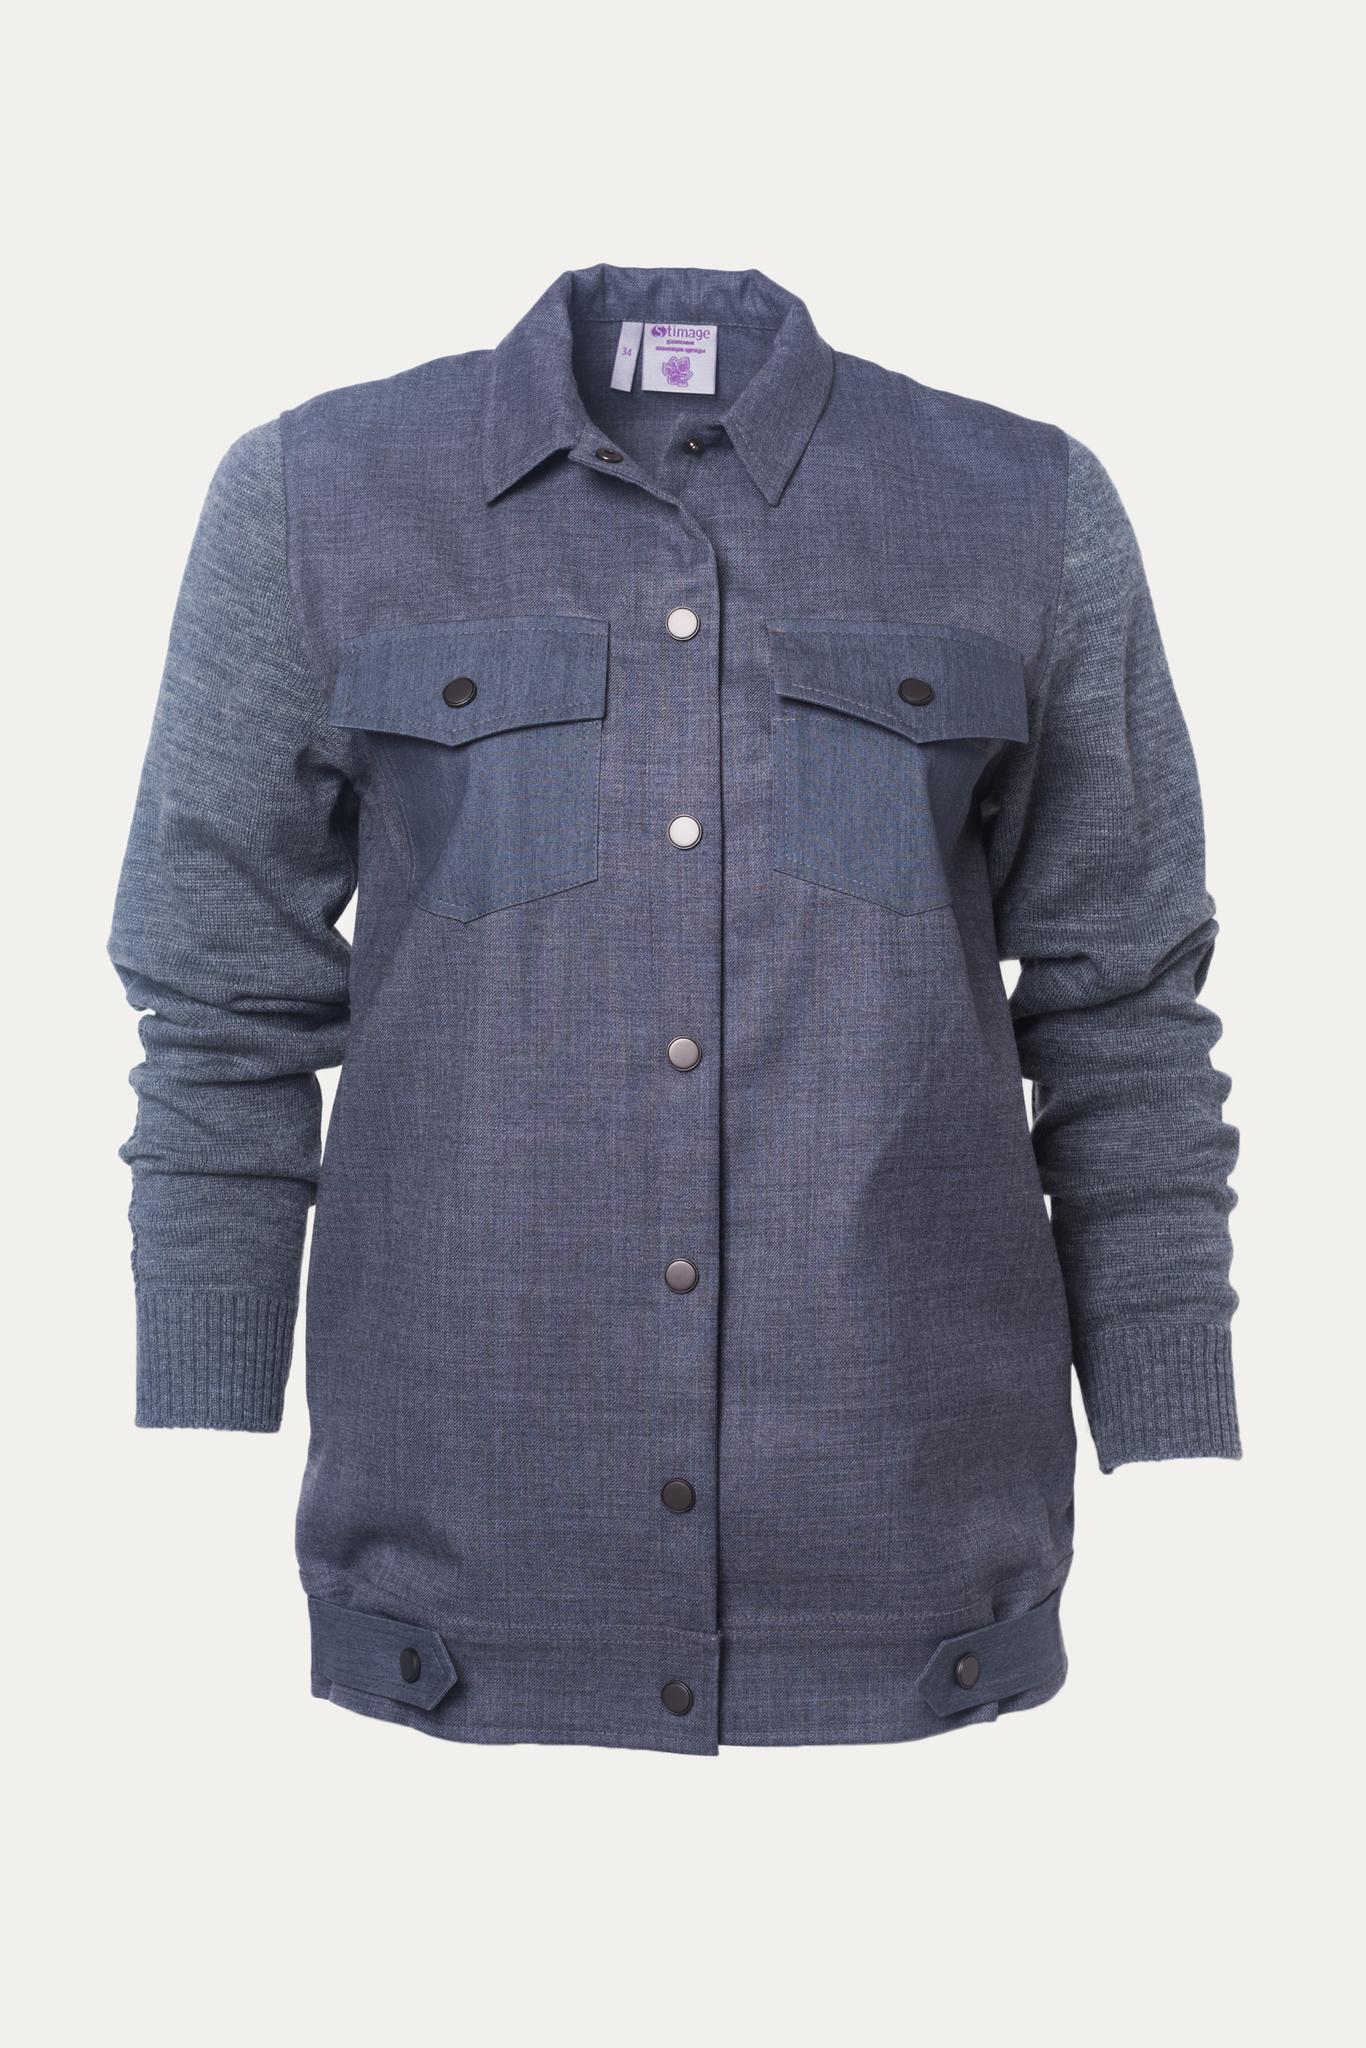 Куртка шерсть GJ GRAY JEANS